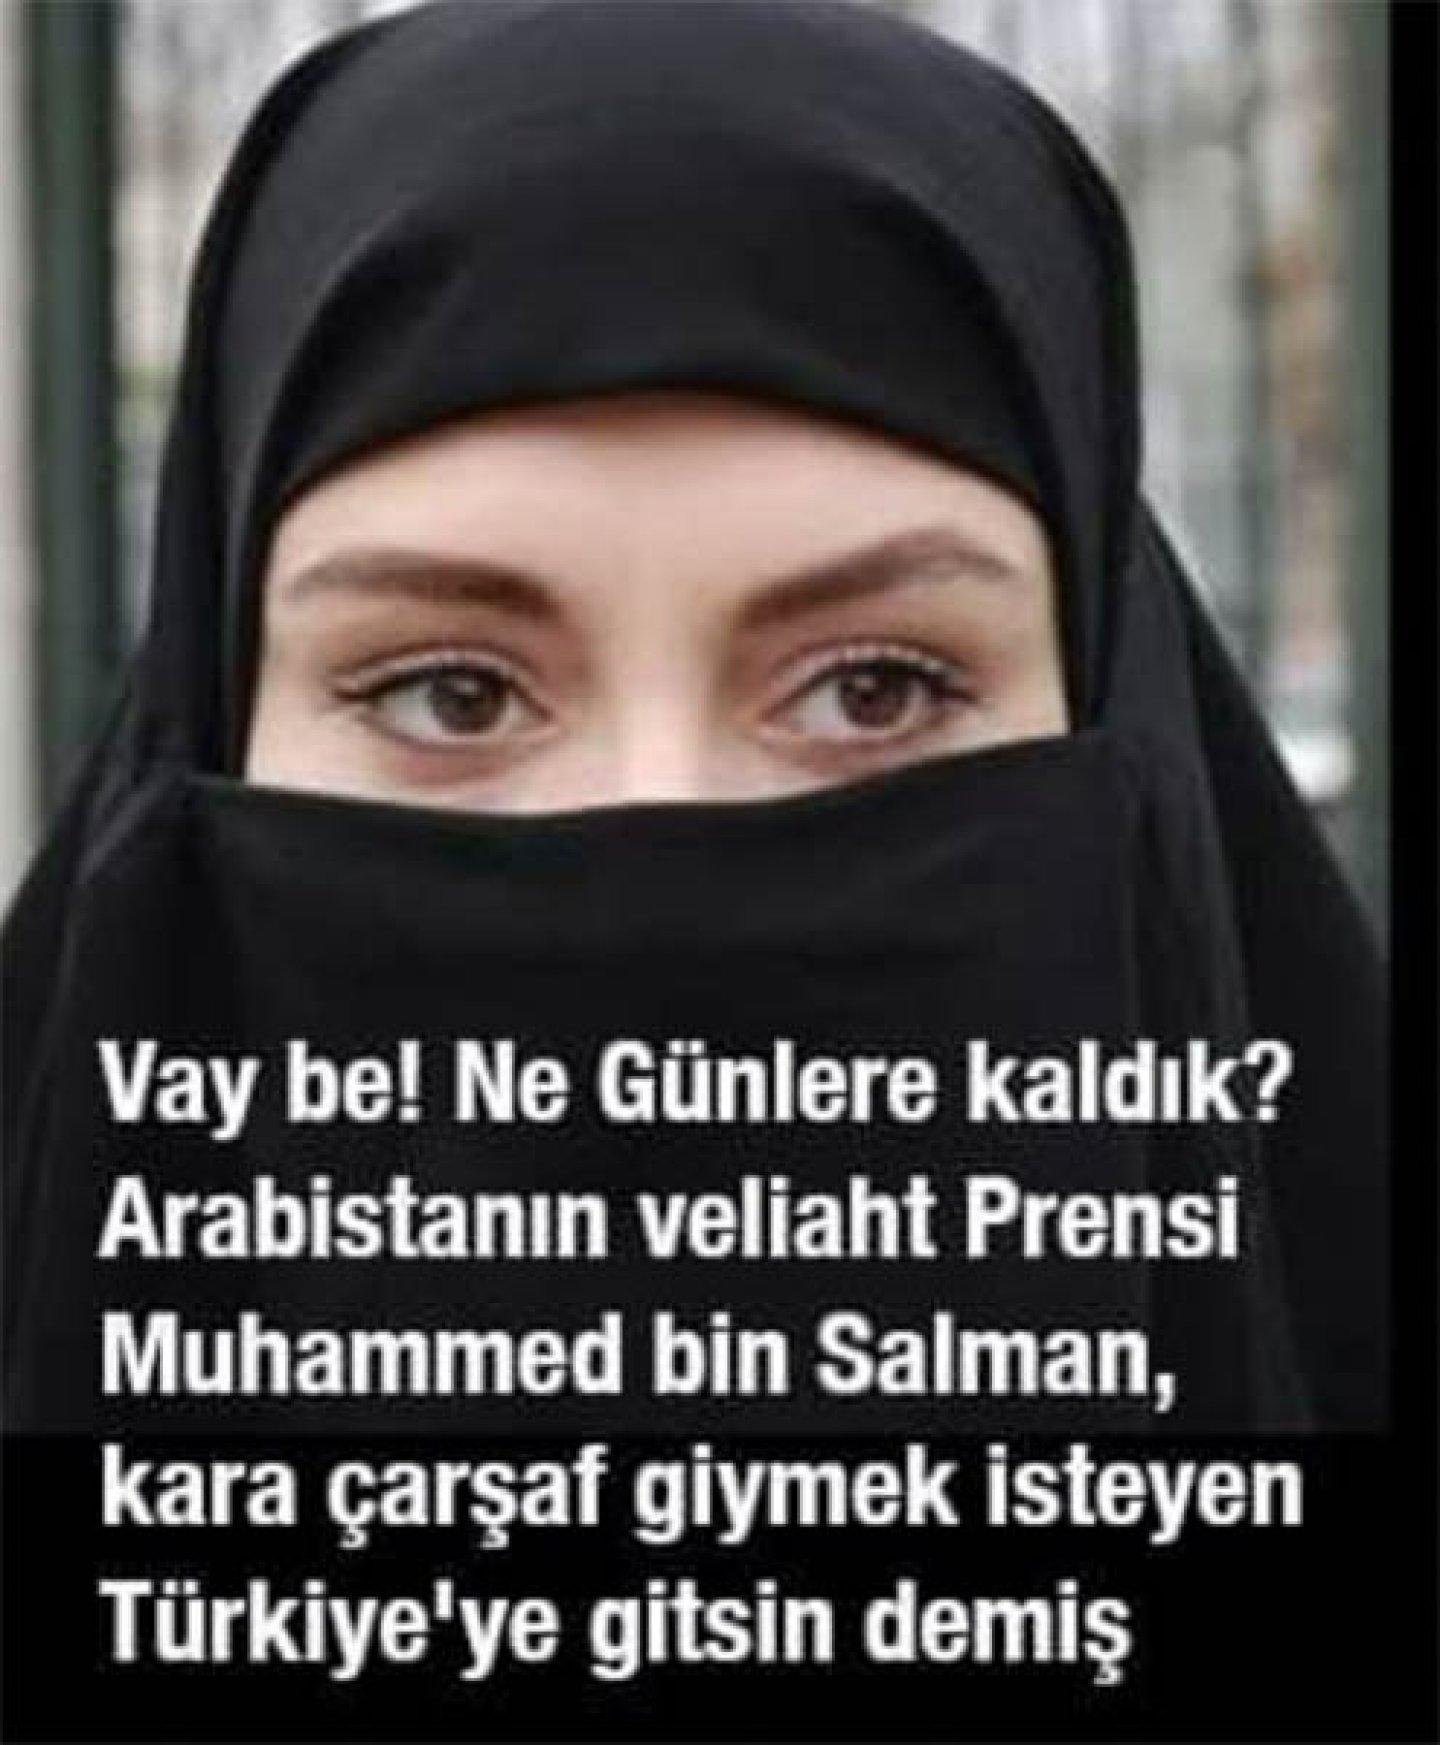 Suudi Arabistan Veliaht Prensi Muhammed Bin Salman'ın 'Kara Çarşaf Giymek  İsteyen Türkiye'ye Gitsin' Dediği İddiası | Doğruluk Payı